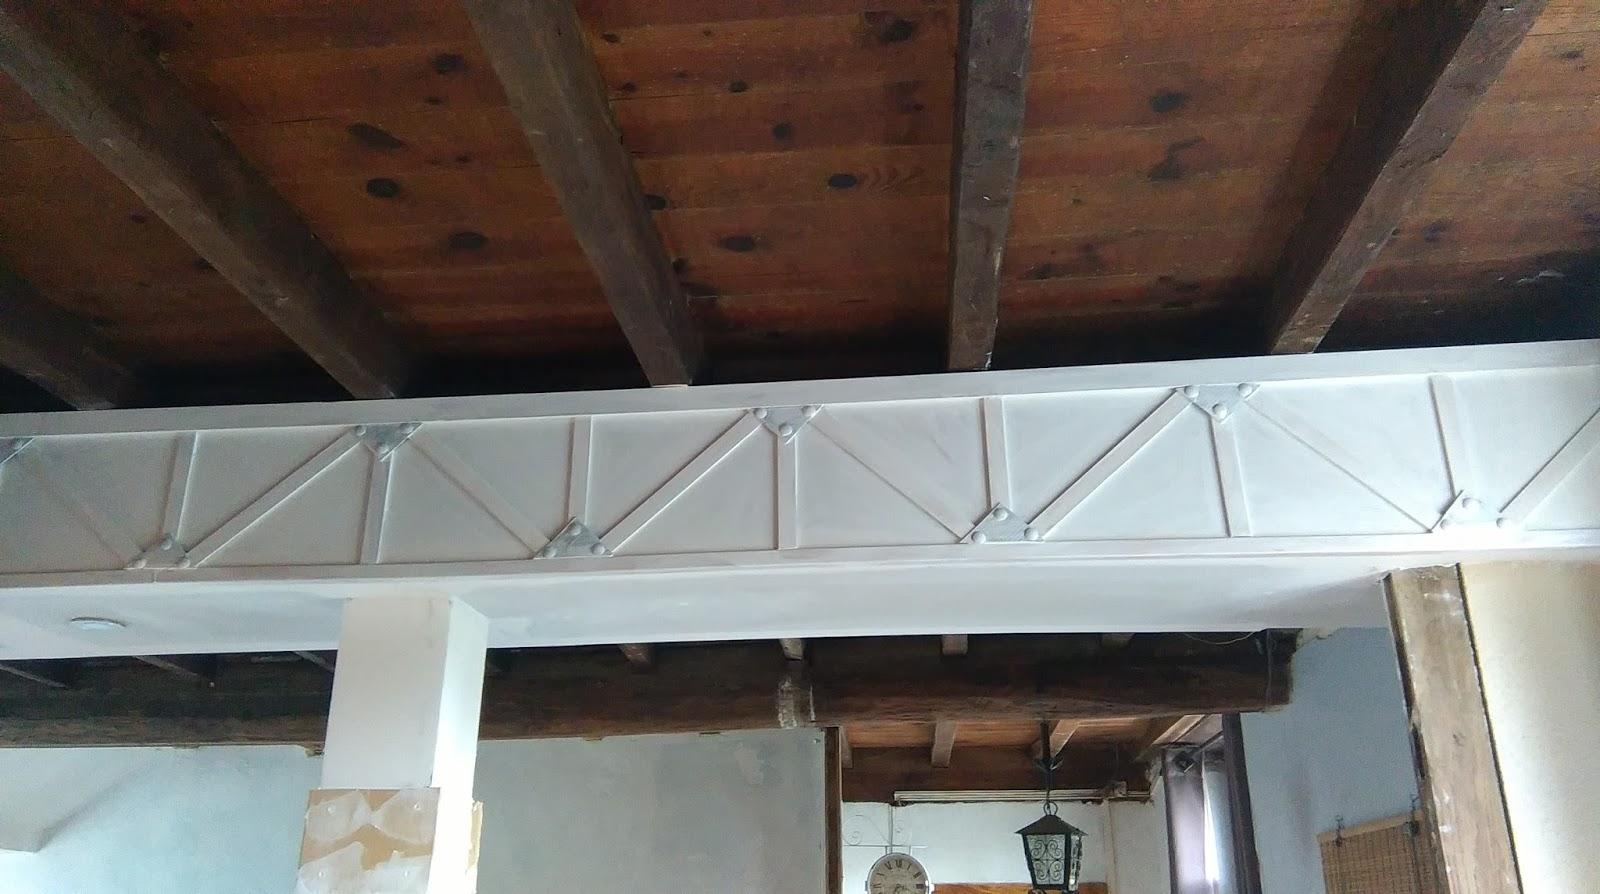 poutre trompe l oeil effet metal industriel With commentaire peindre des poutres en blanc 8 poutre trompe l oeil effet metal industriel